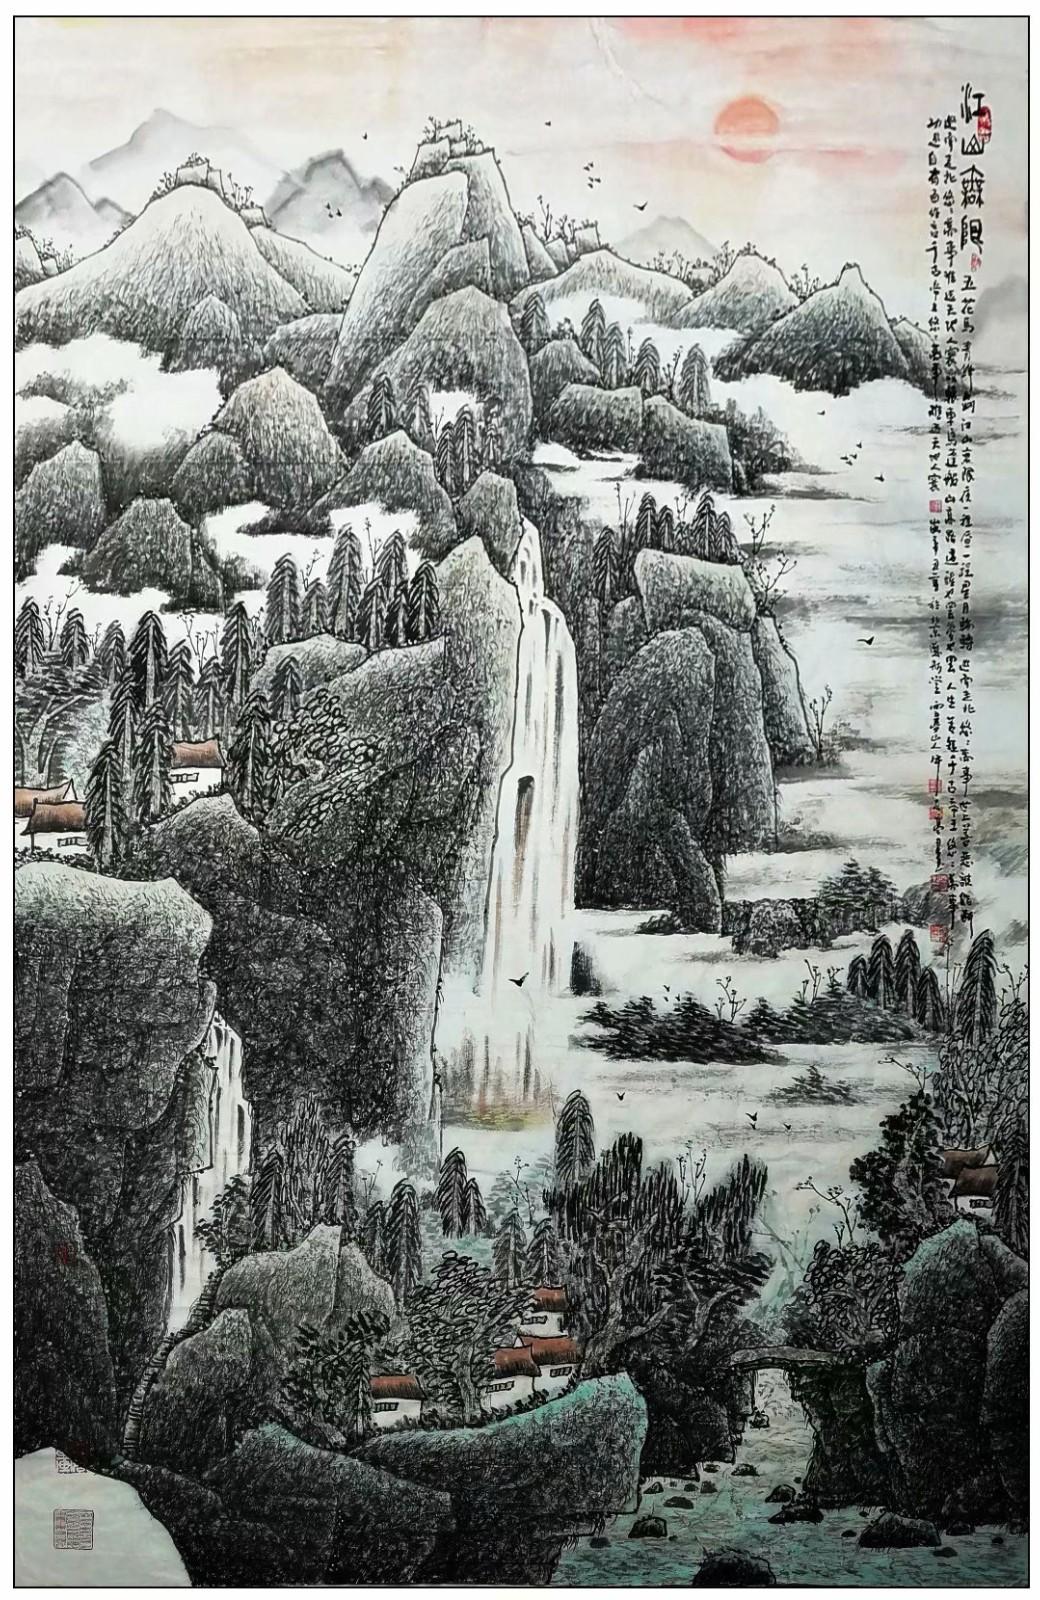 牛志高山水画2021年新作------2021.04.05_图1-1